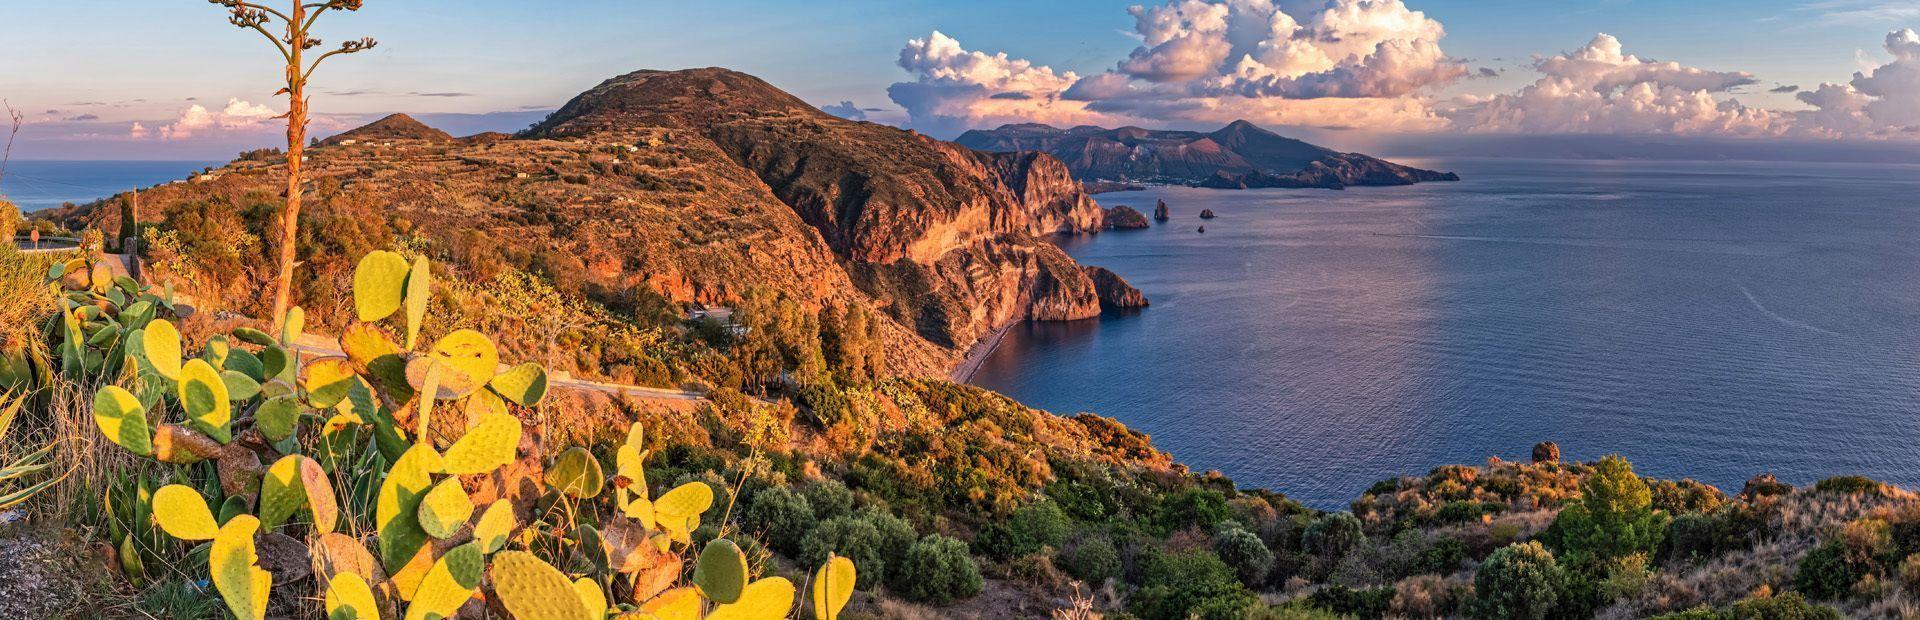 Isole Eolie: Lipari e le perle vulcaniche del Mediterraneo